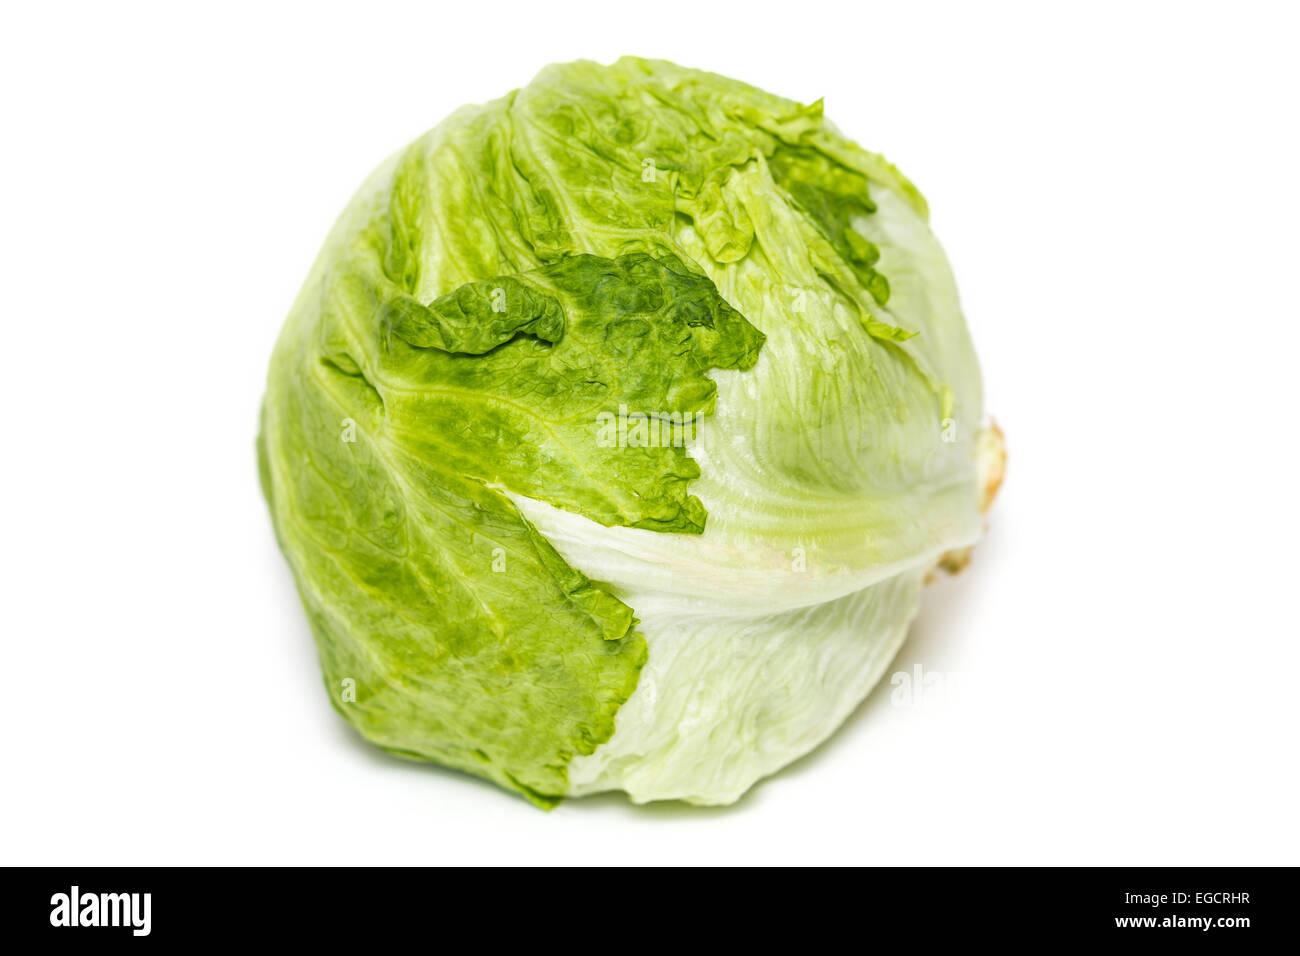 Salad iceberg. Iceberg Lettuce isolated on white - Stock Image